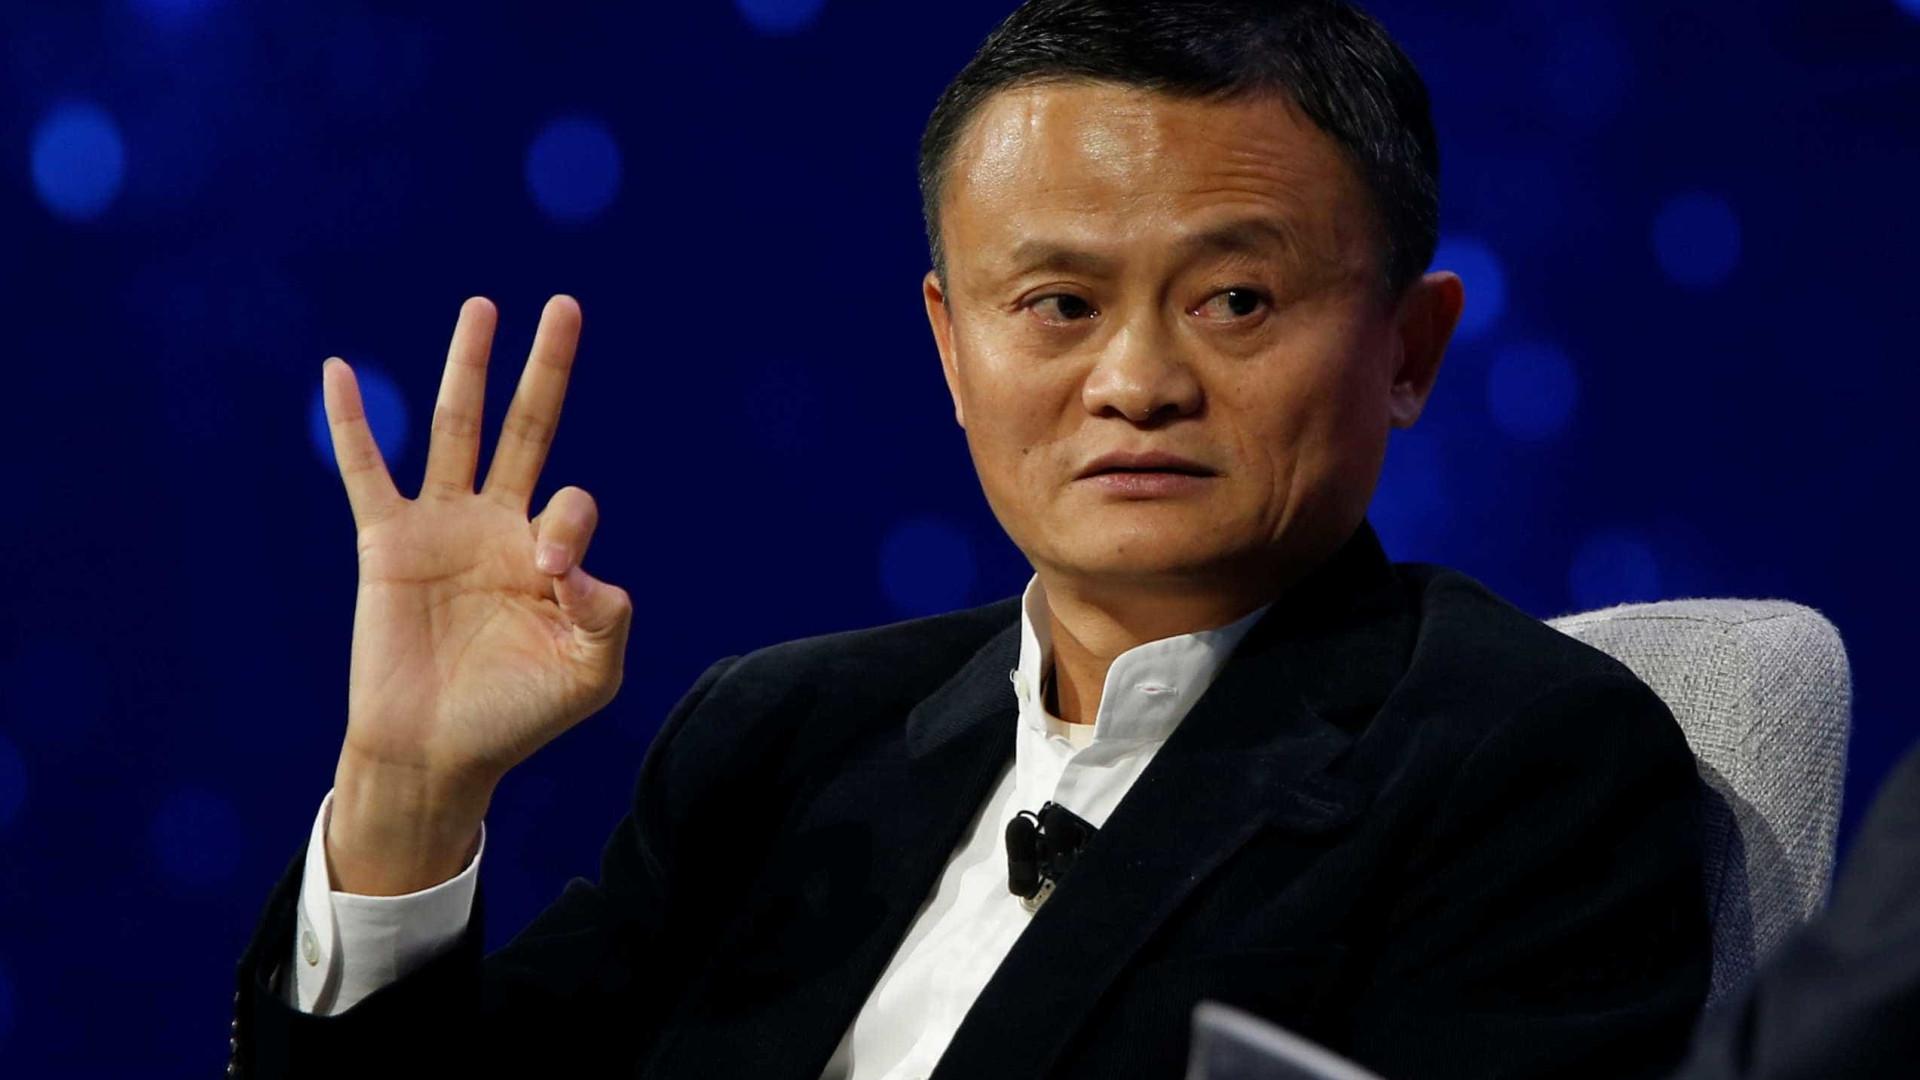 Gigante chinesa fechou 240 mil lojas por venderem falsificações